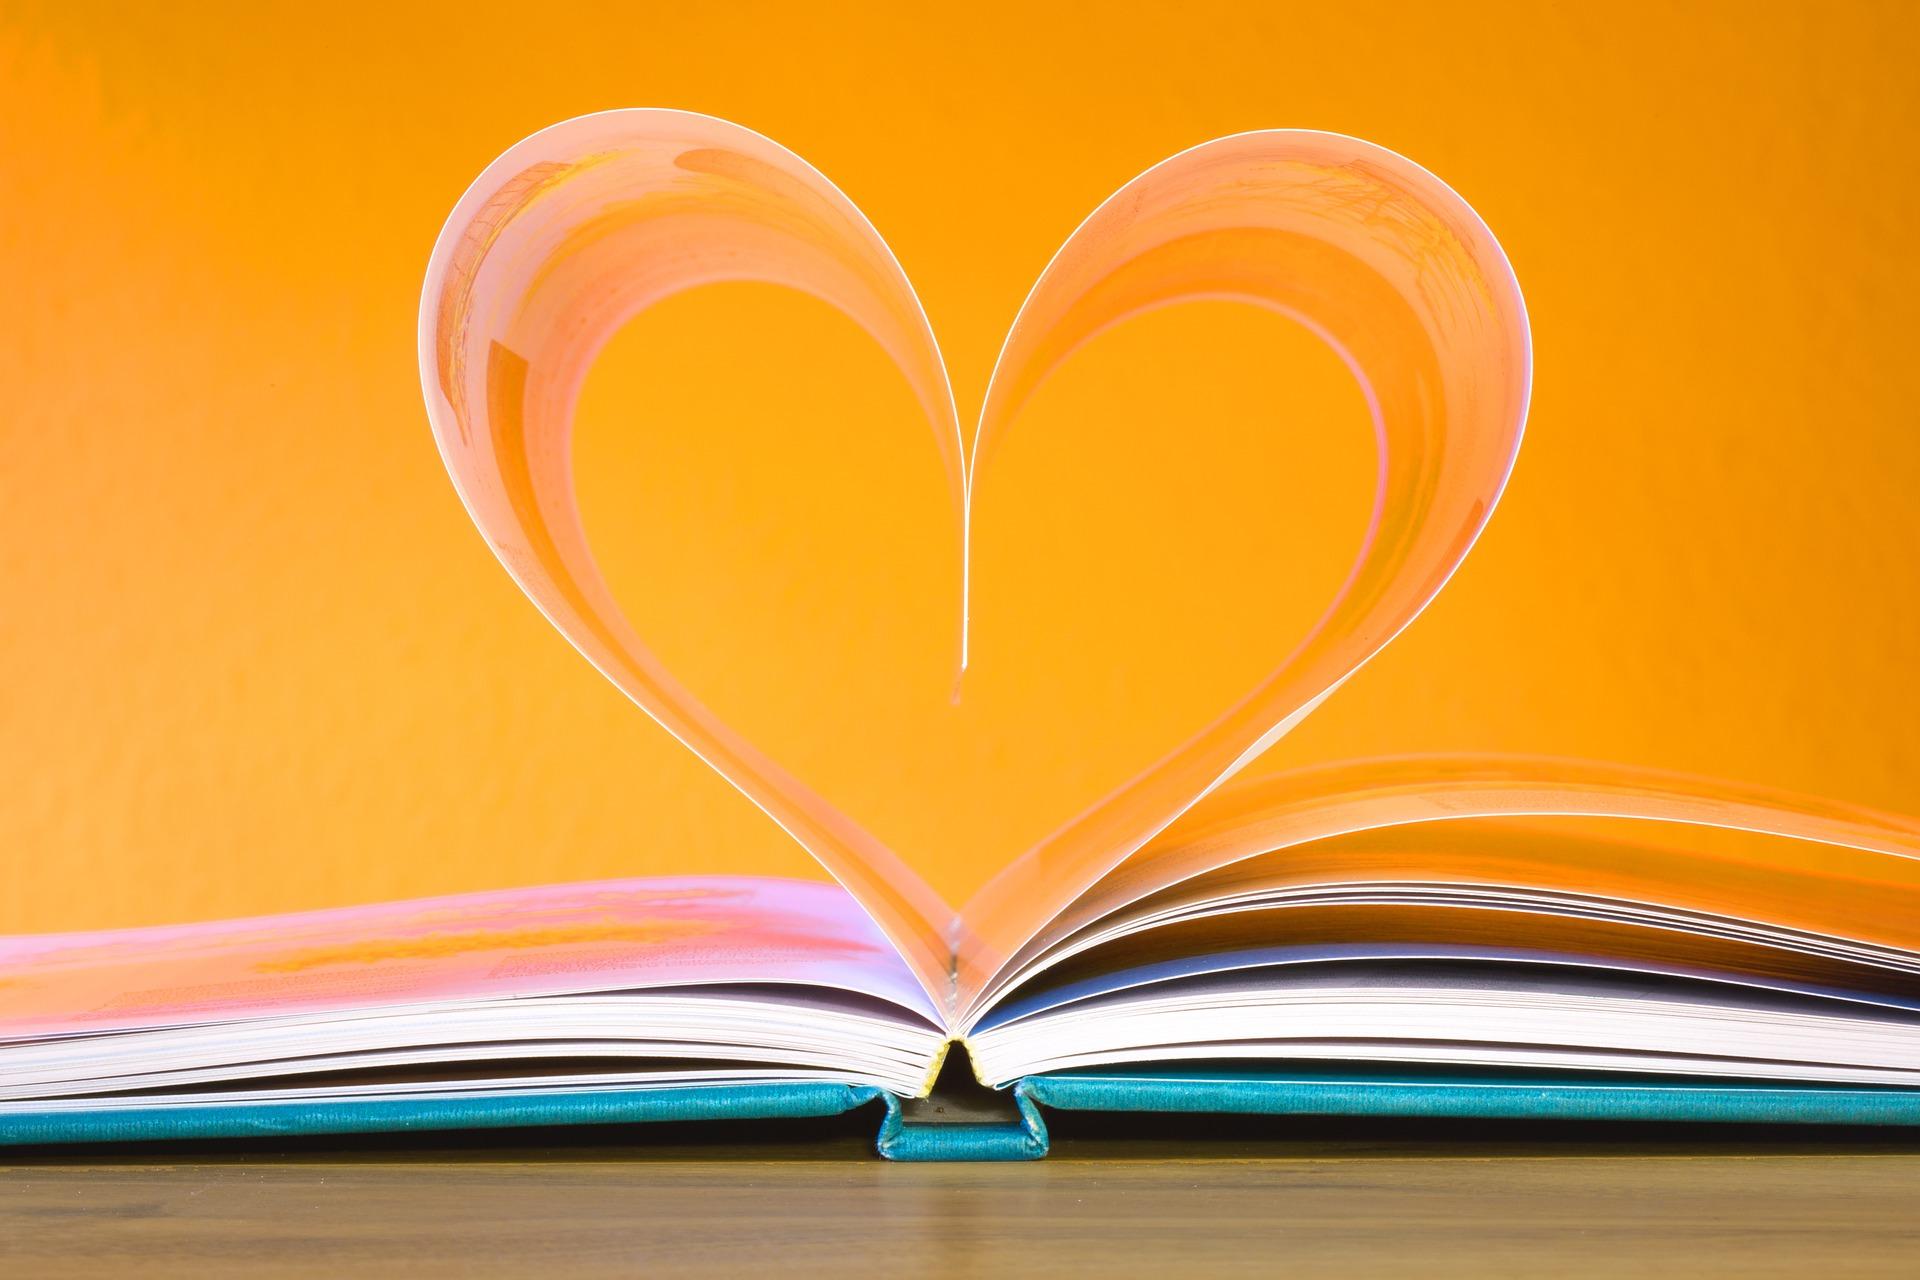 book-748904_1920